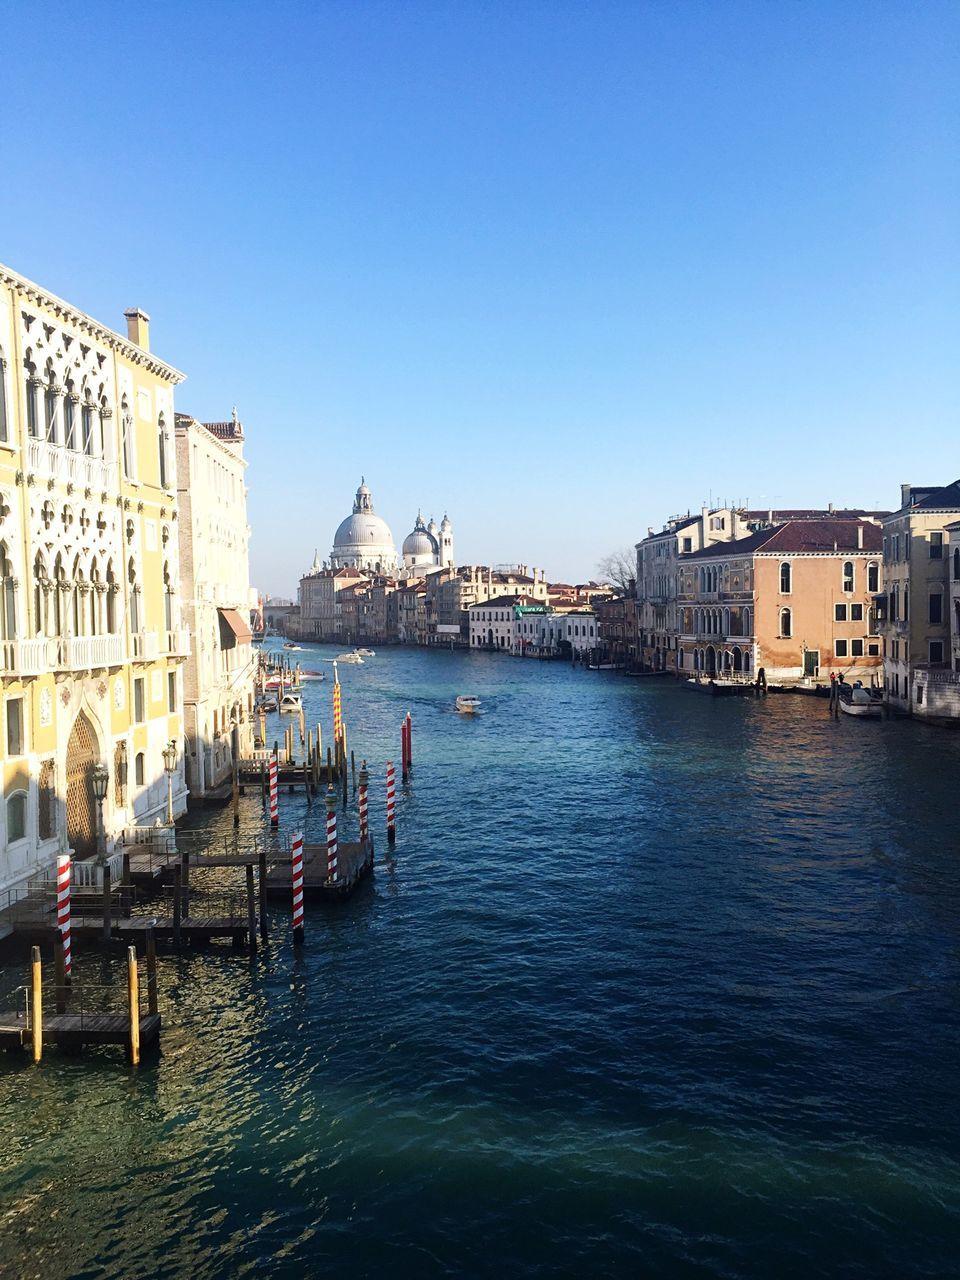 Canal and Santa Maria della Salute in Venice